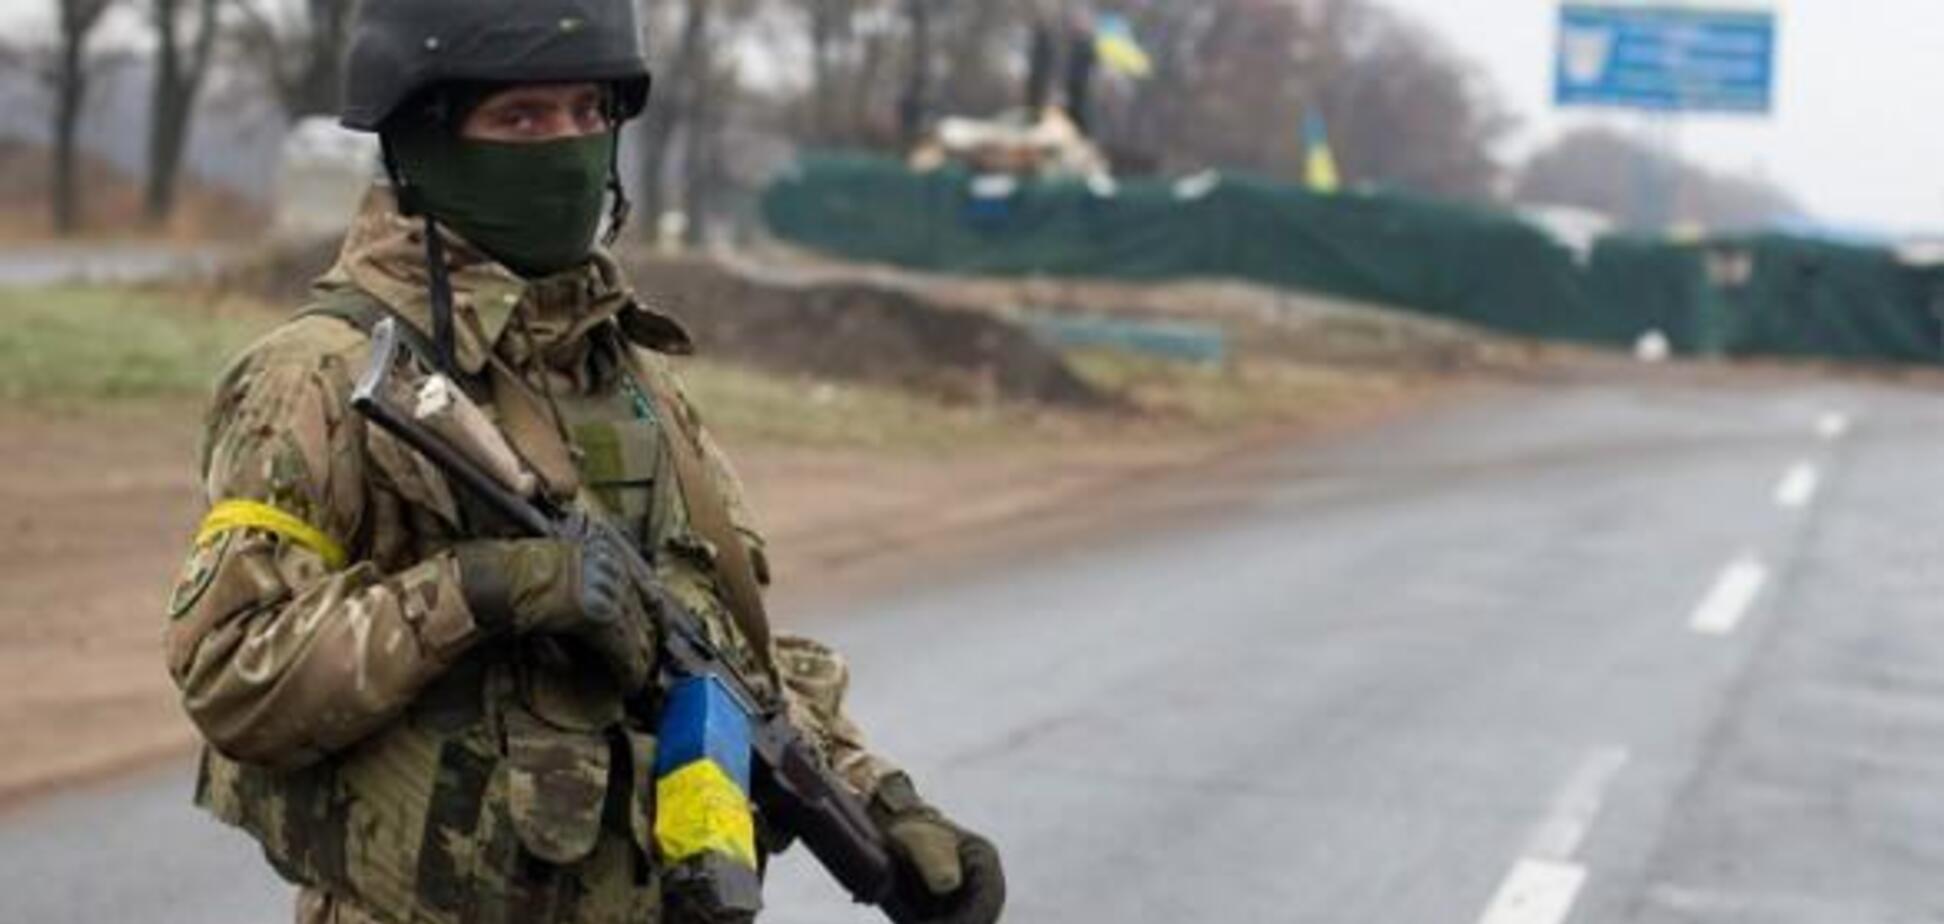 Силы ООС на Донбассе обстреляли из запрещенного оружия: есть раненные